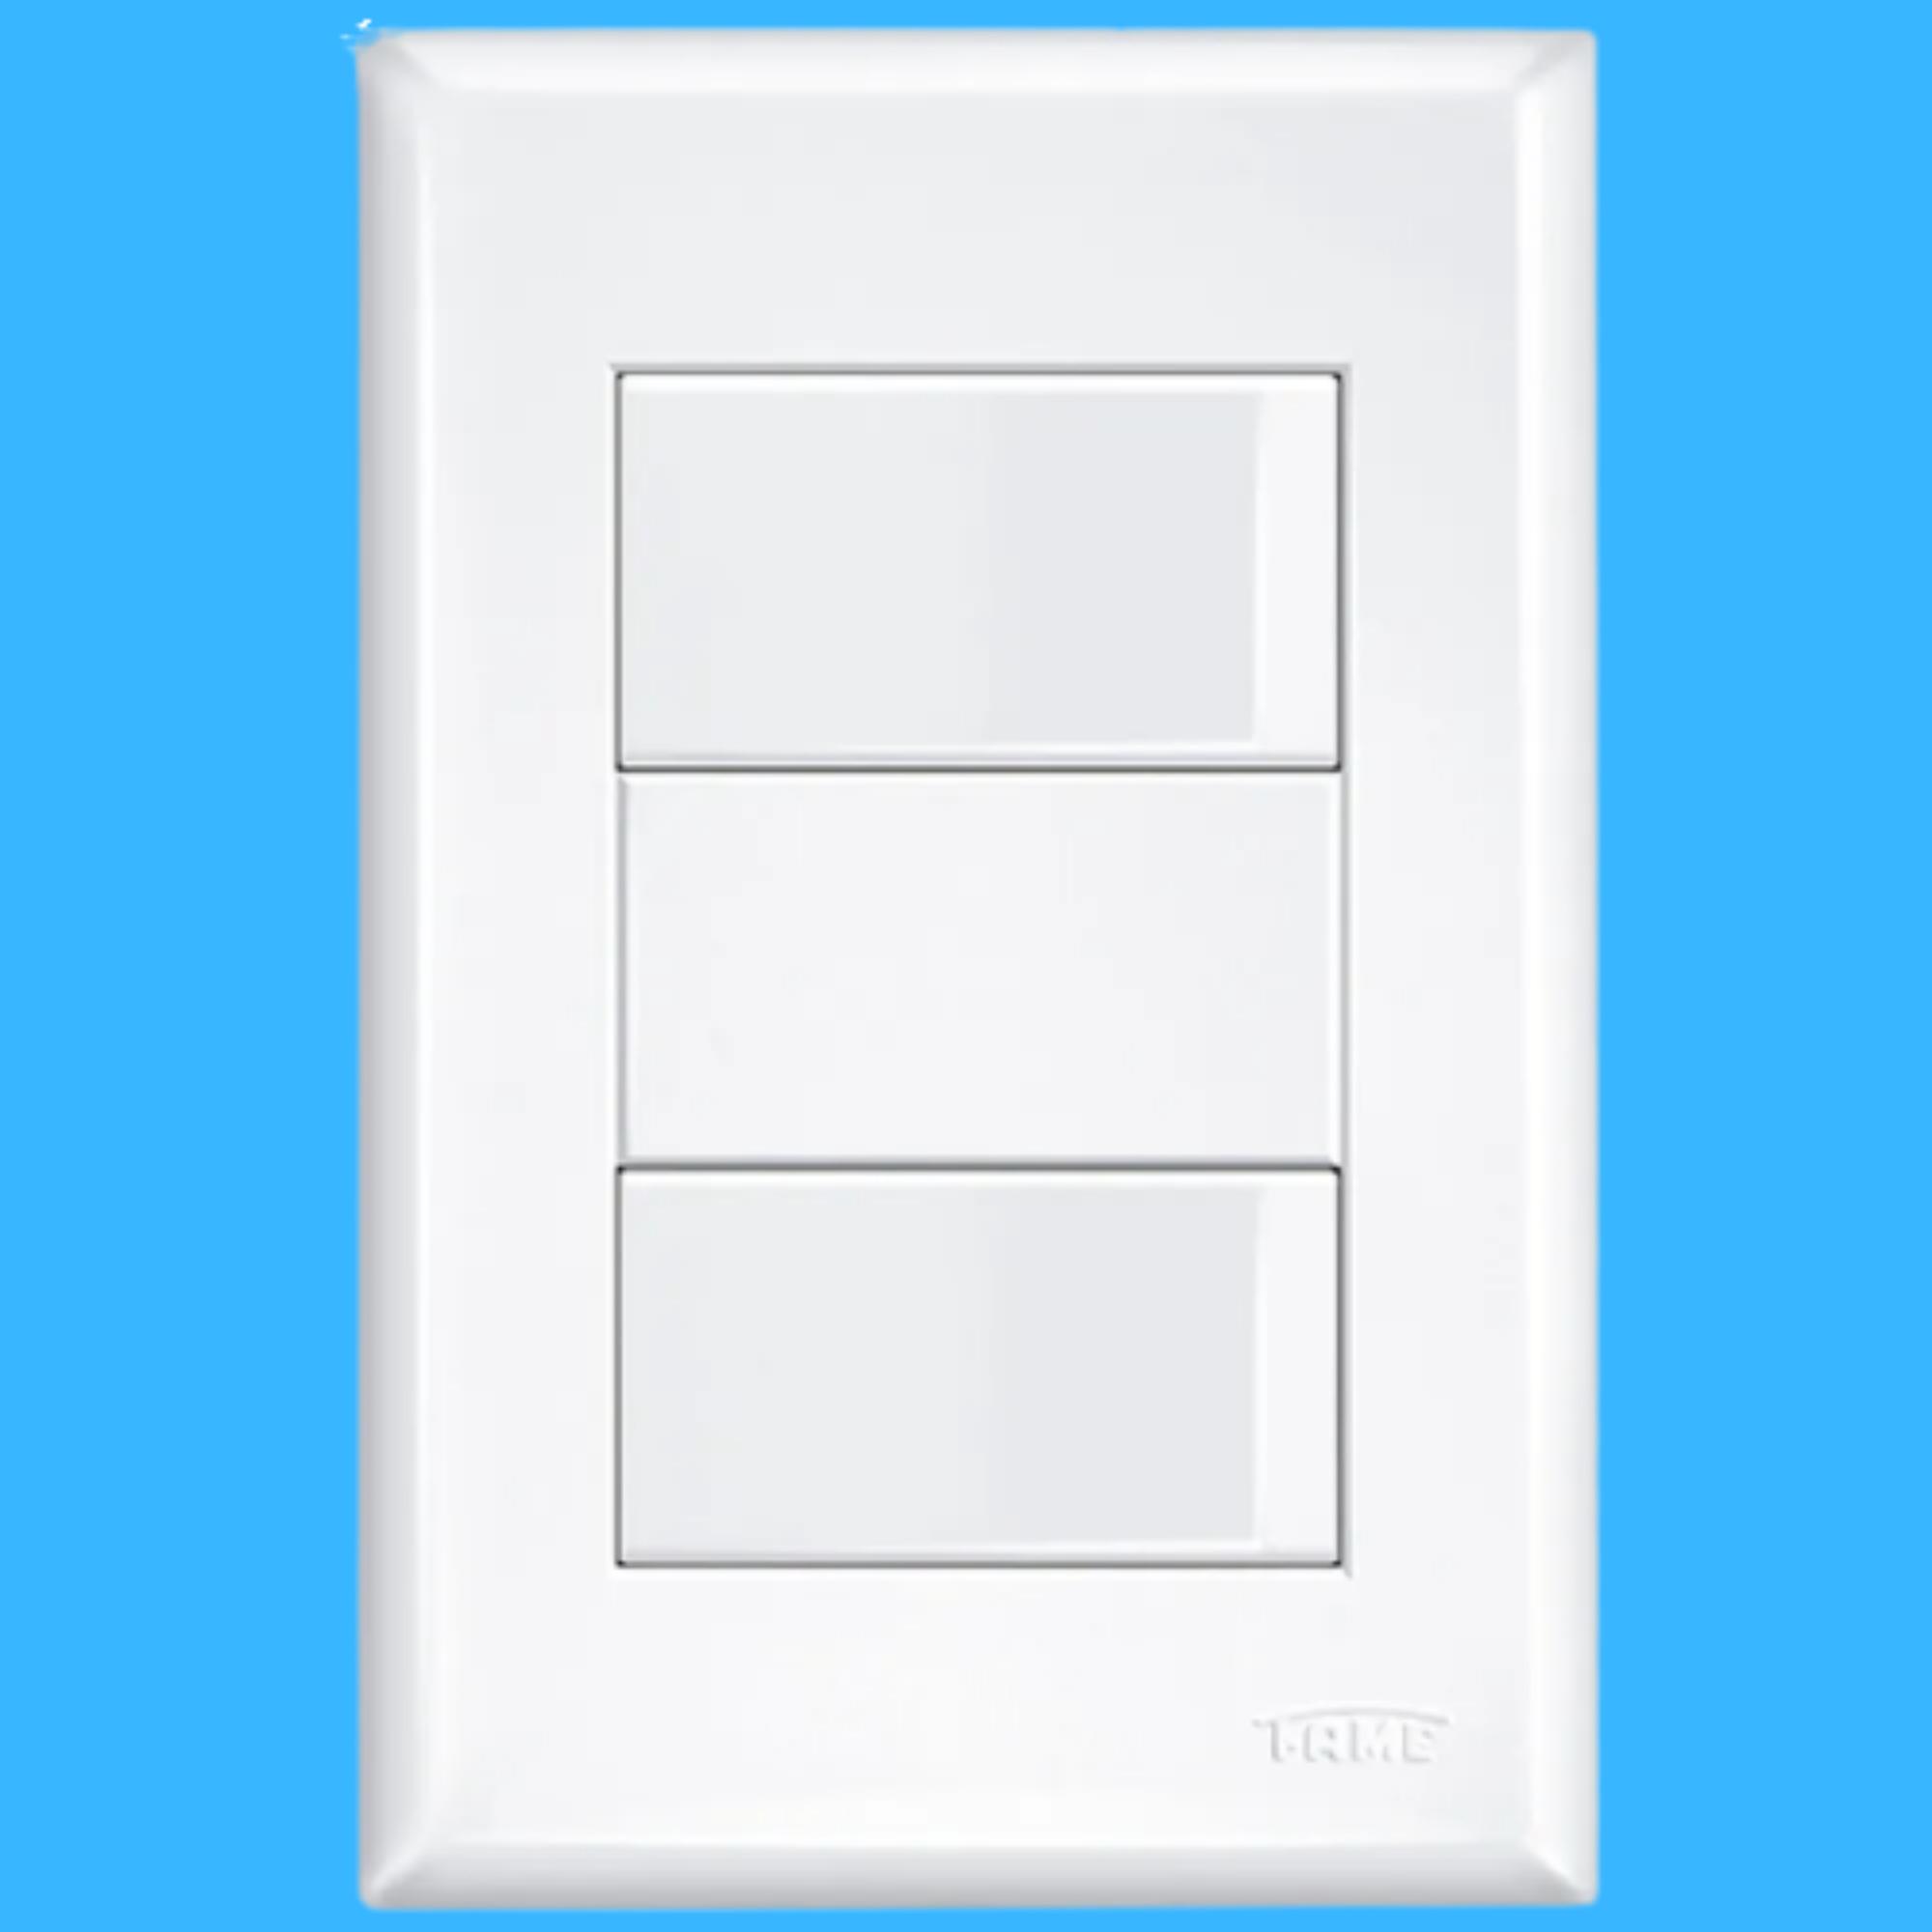 Evidence 2 Seções de Interruptor Simples Com Placa